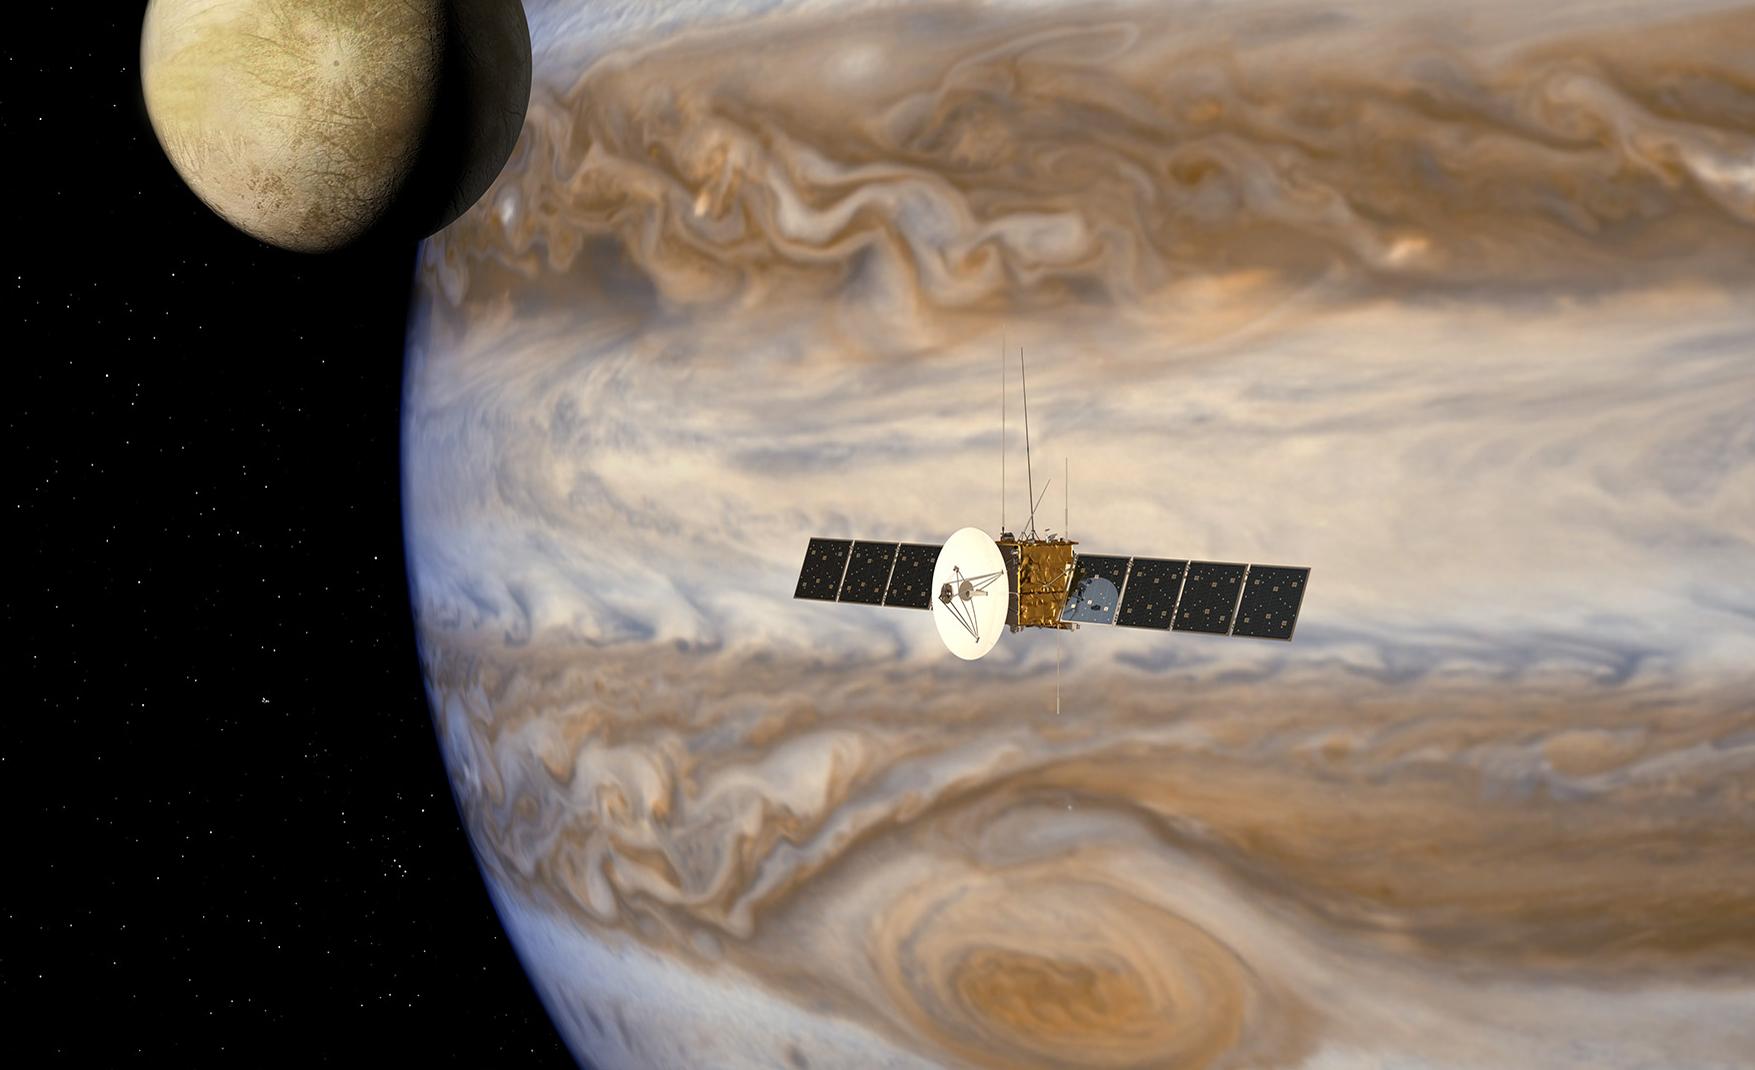 Den europeiske romsonden Juice skal undersøke Jupiter og tre av dens ismåner, Europa, Callisto og Ganymedes, i 2030, med norsk teknologi ombord. Grafikk: ESA/AOES